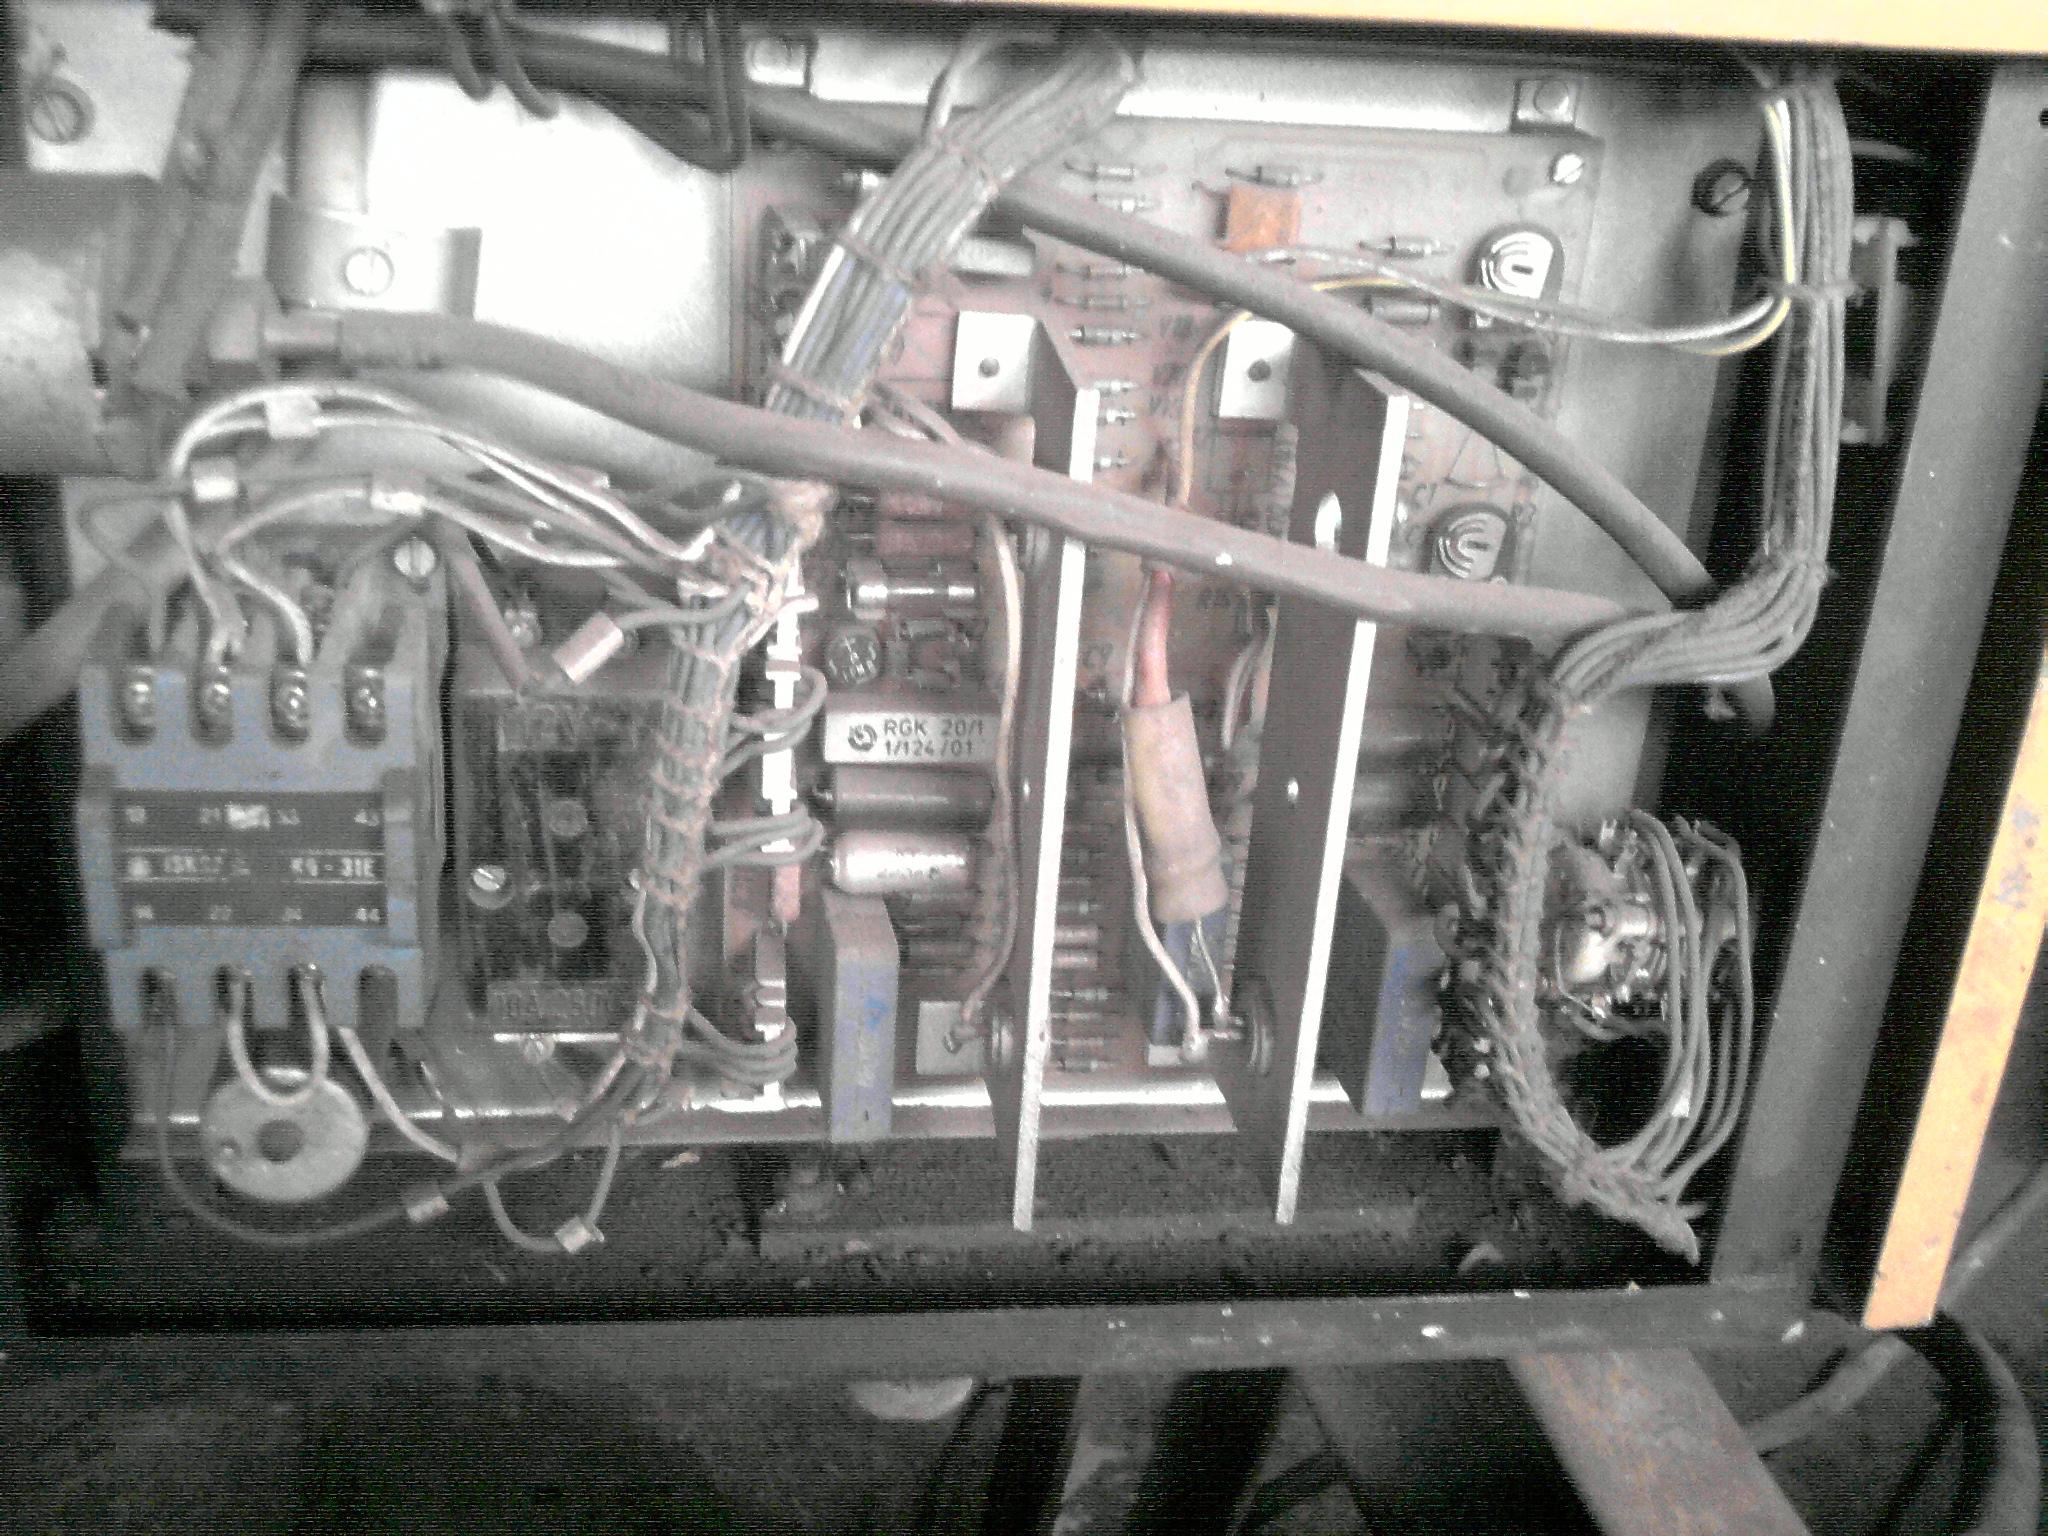 Podajnik DV500 spawarka  - Parametry